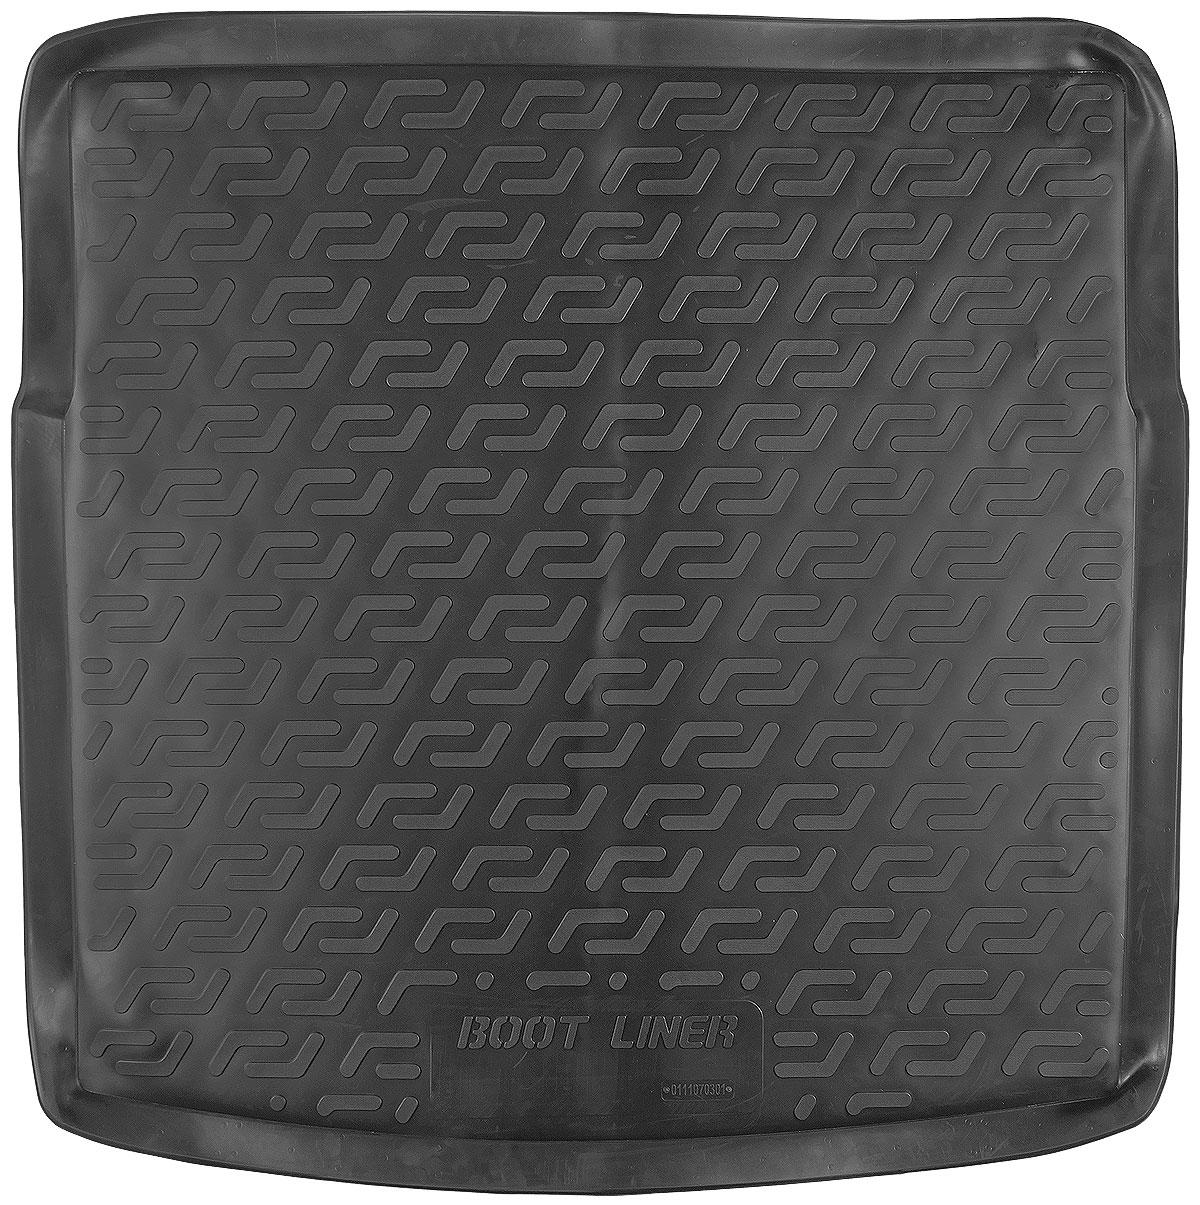 Коврик в багажник L.Locker, для Opel Insignia Sports Tourer (09-)0111070301Коврик L.Locker производится индивидуально для каждой модели автомобиля из современного и экологически чистого материала. Изделие точно повторяет геометрию пола автомобиля, имеет высокий борт, обладает повышенной износоустойчивостью, антискользящими свойствами, лишен резкого запаха и сохраняет свои потребительские свойства в широком диапазоне температур (от -50°С до +80°С).